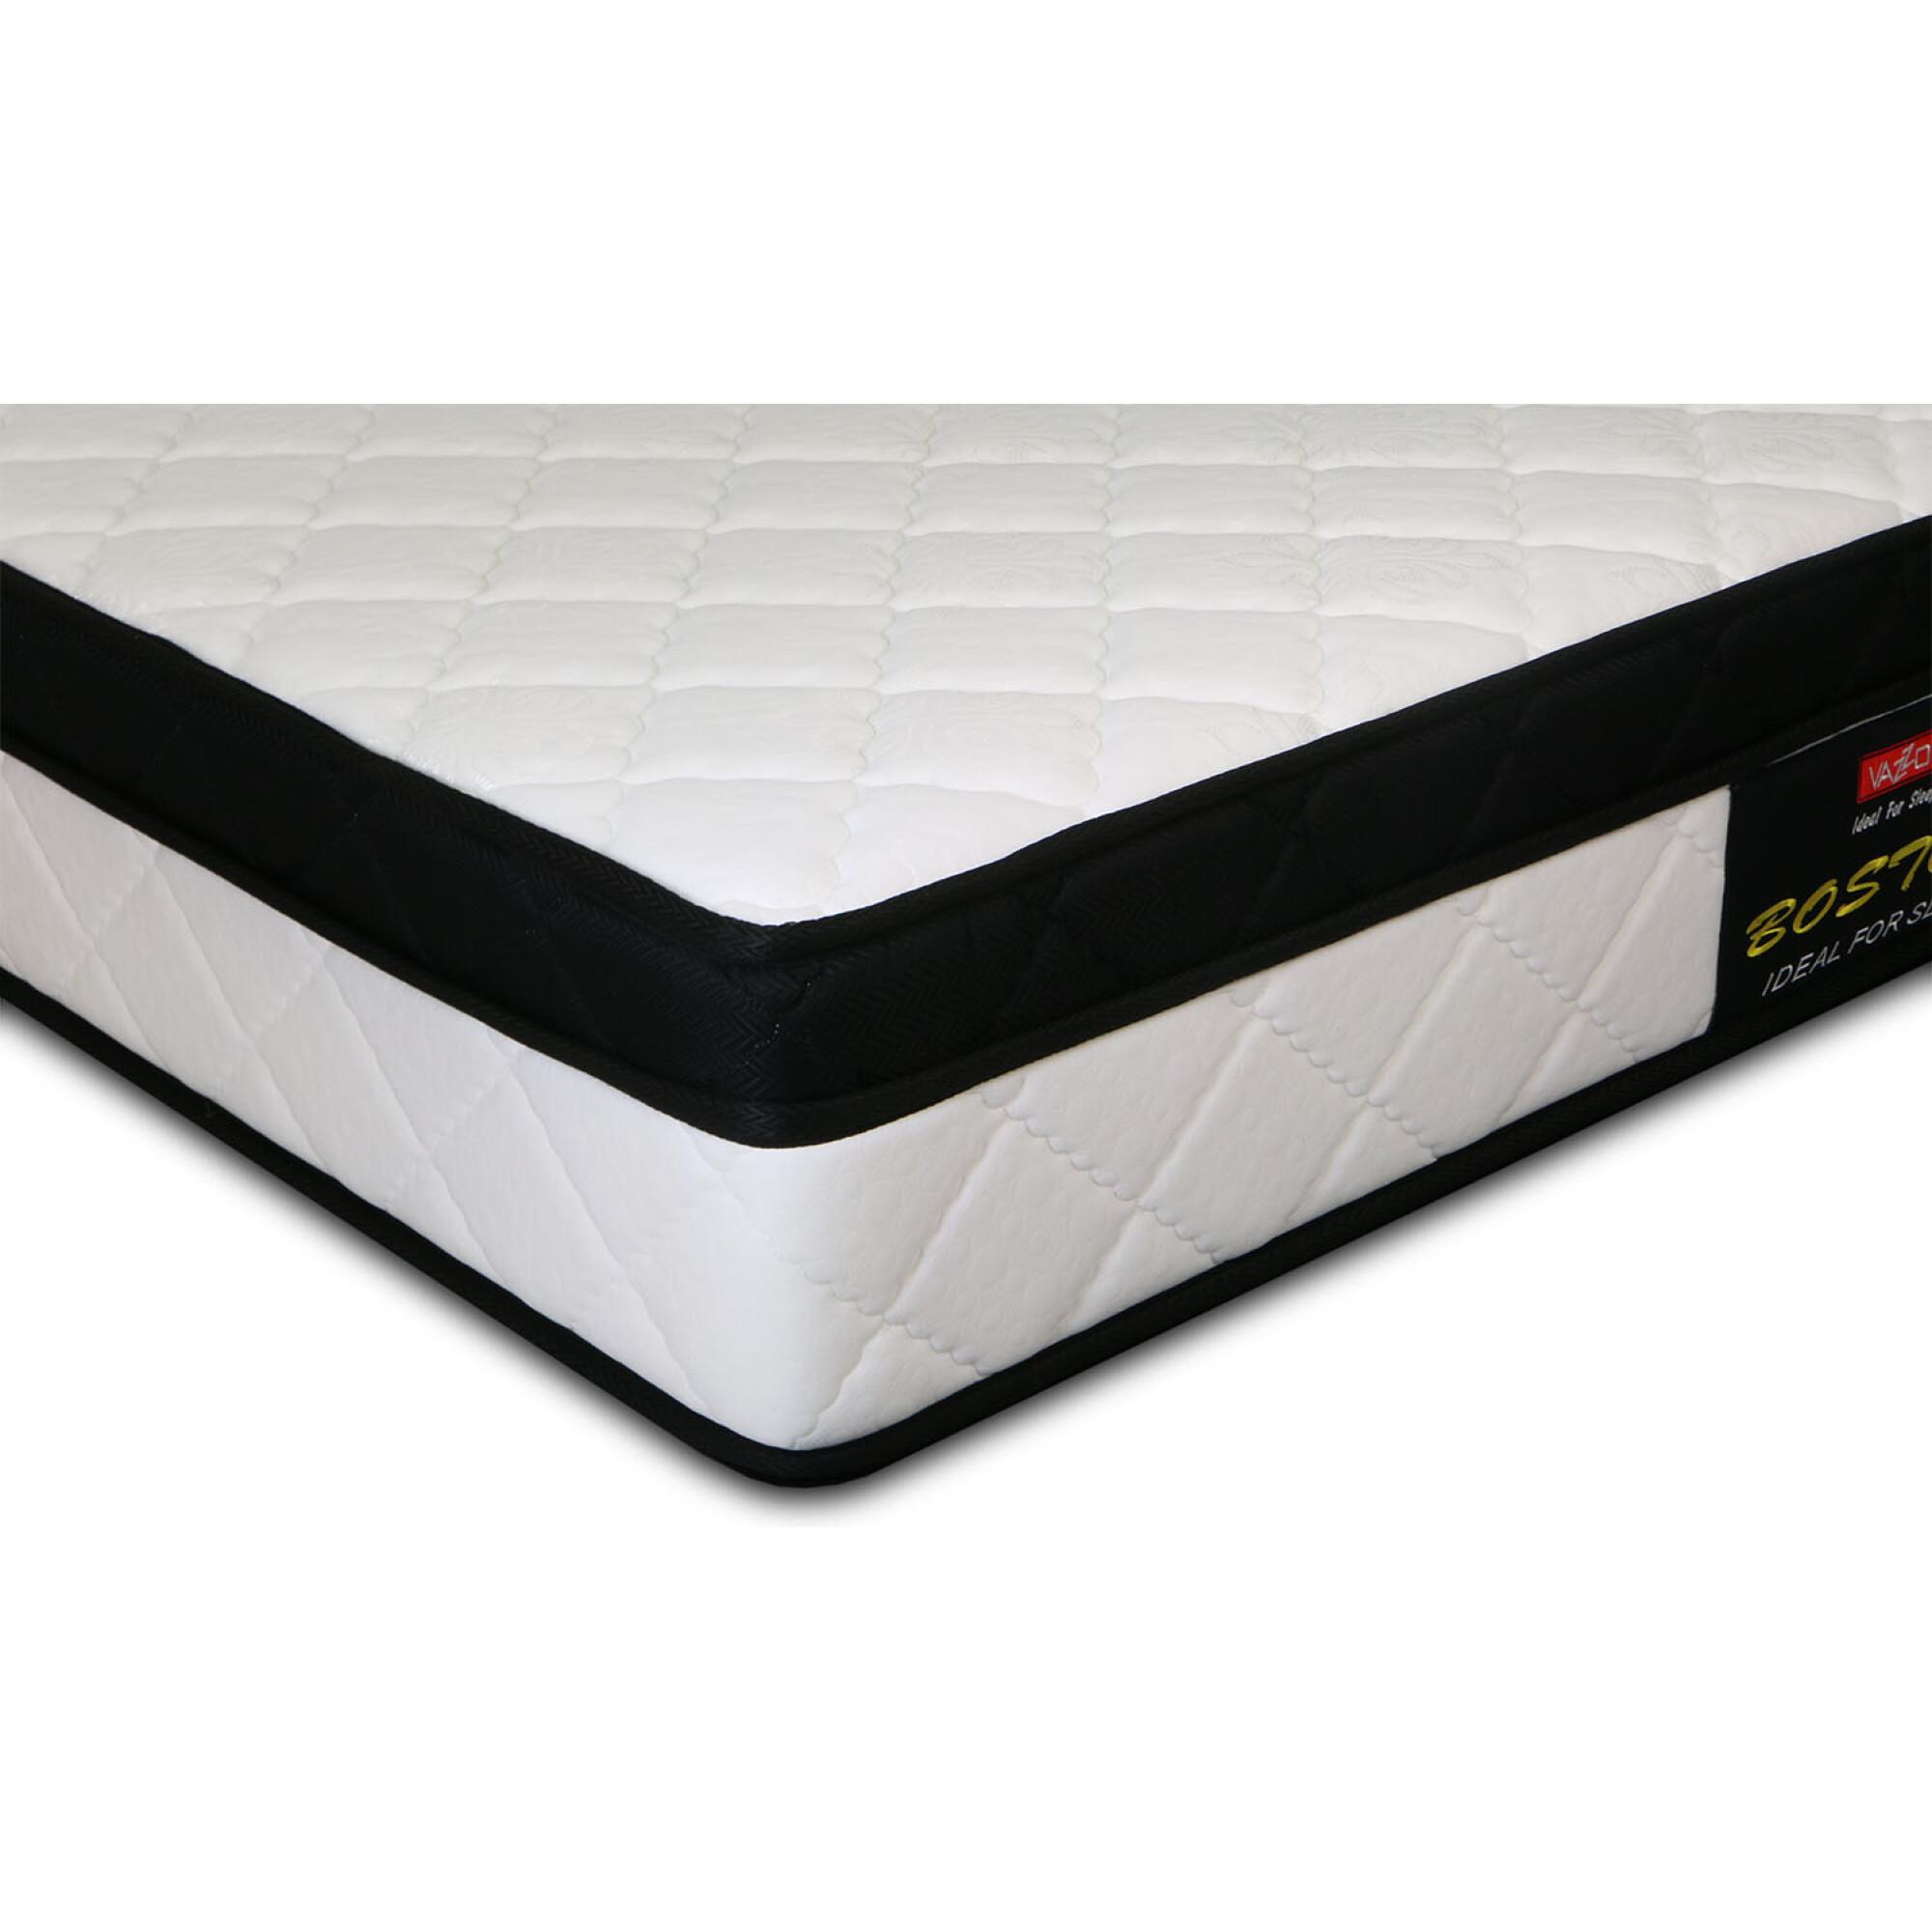 bnd default gold review touch wayfair brand mattress name feather futon futons bond